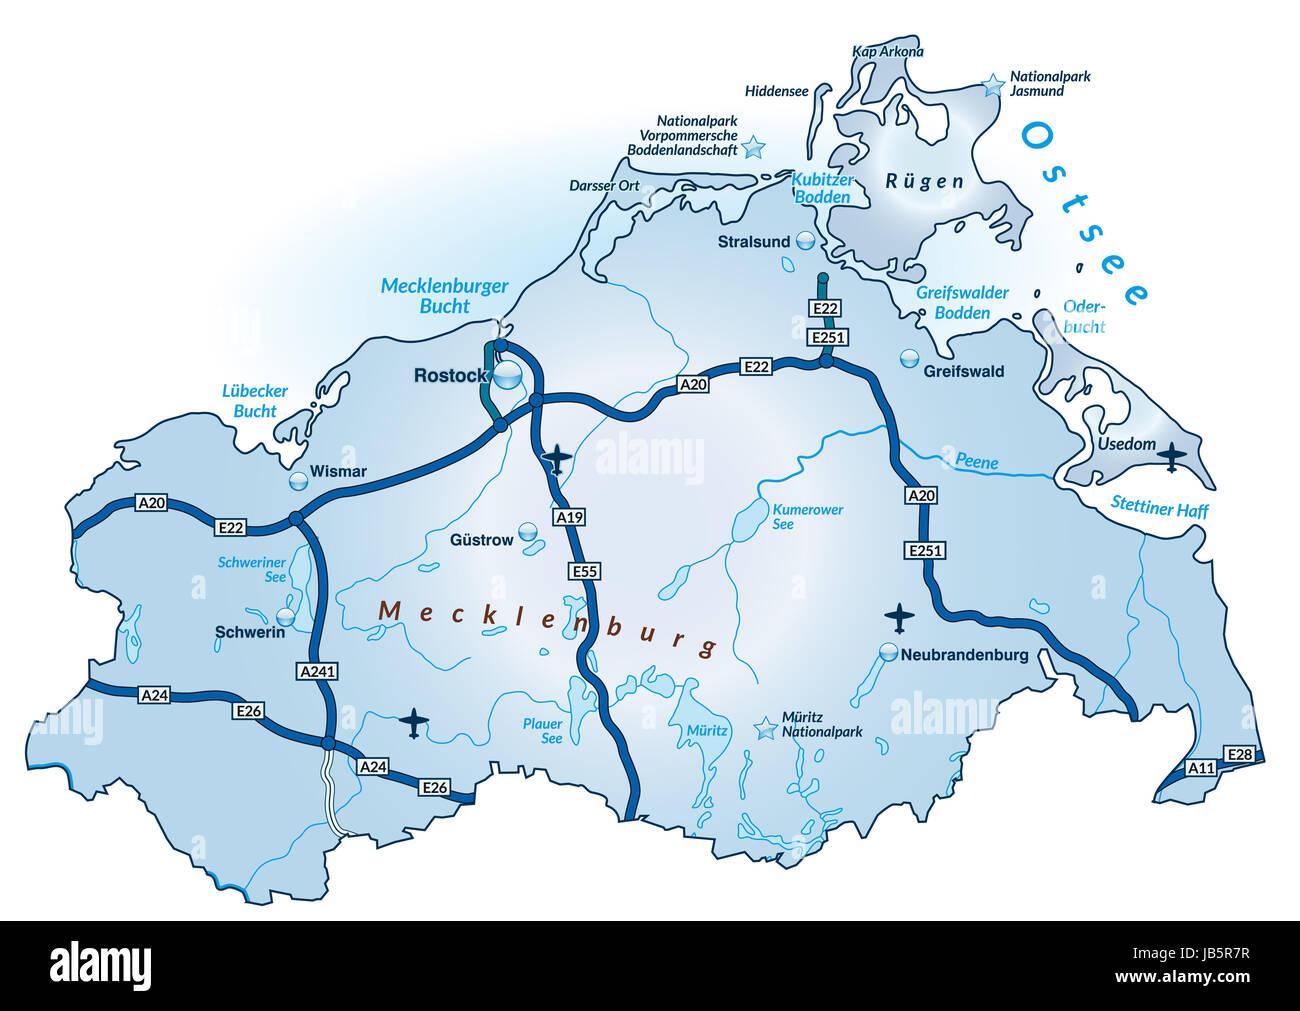 Die Karte ist modern gestaltet und enthält alle wichtigen Topographischen Informationen. Städte, Gewässernetz, - Stock Image